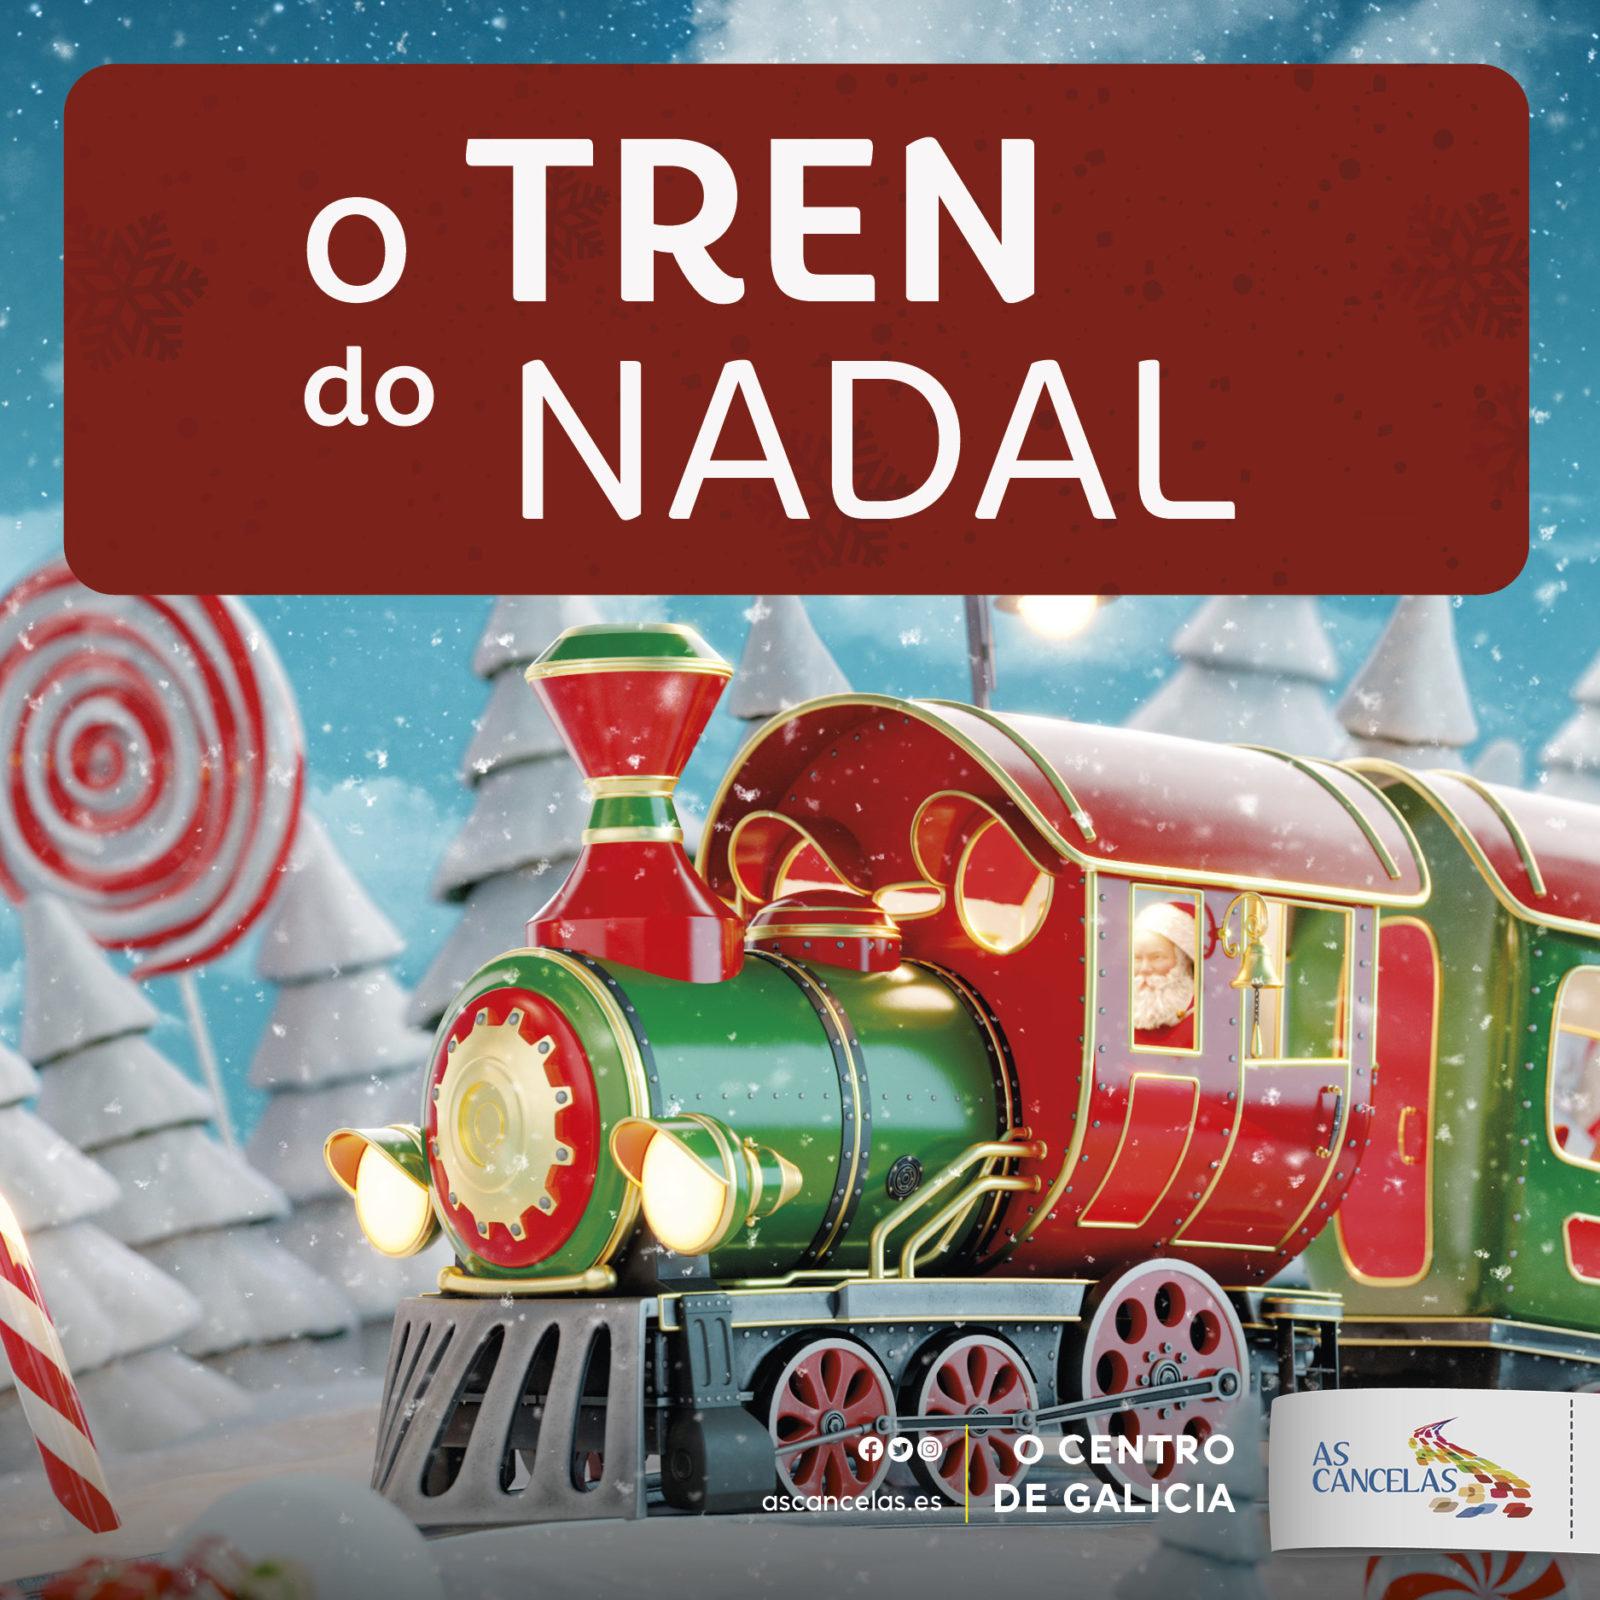 Abrir O tren do Nadal chega a As Cancelas